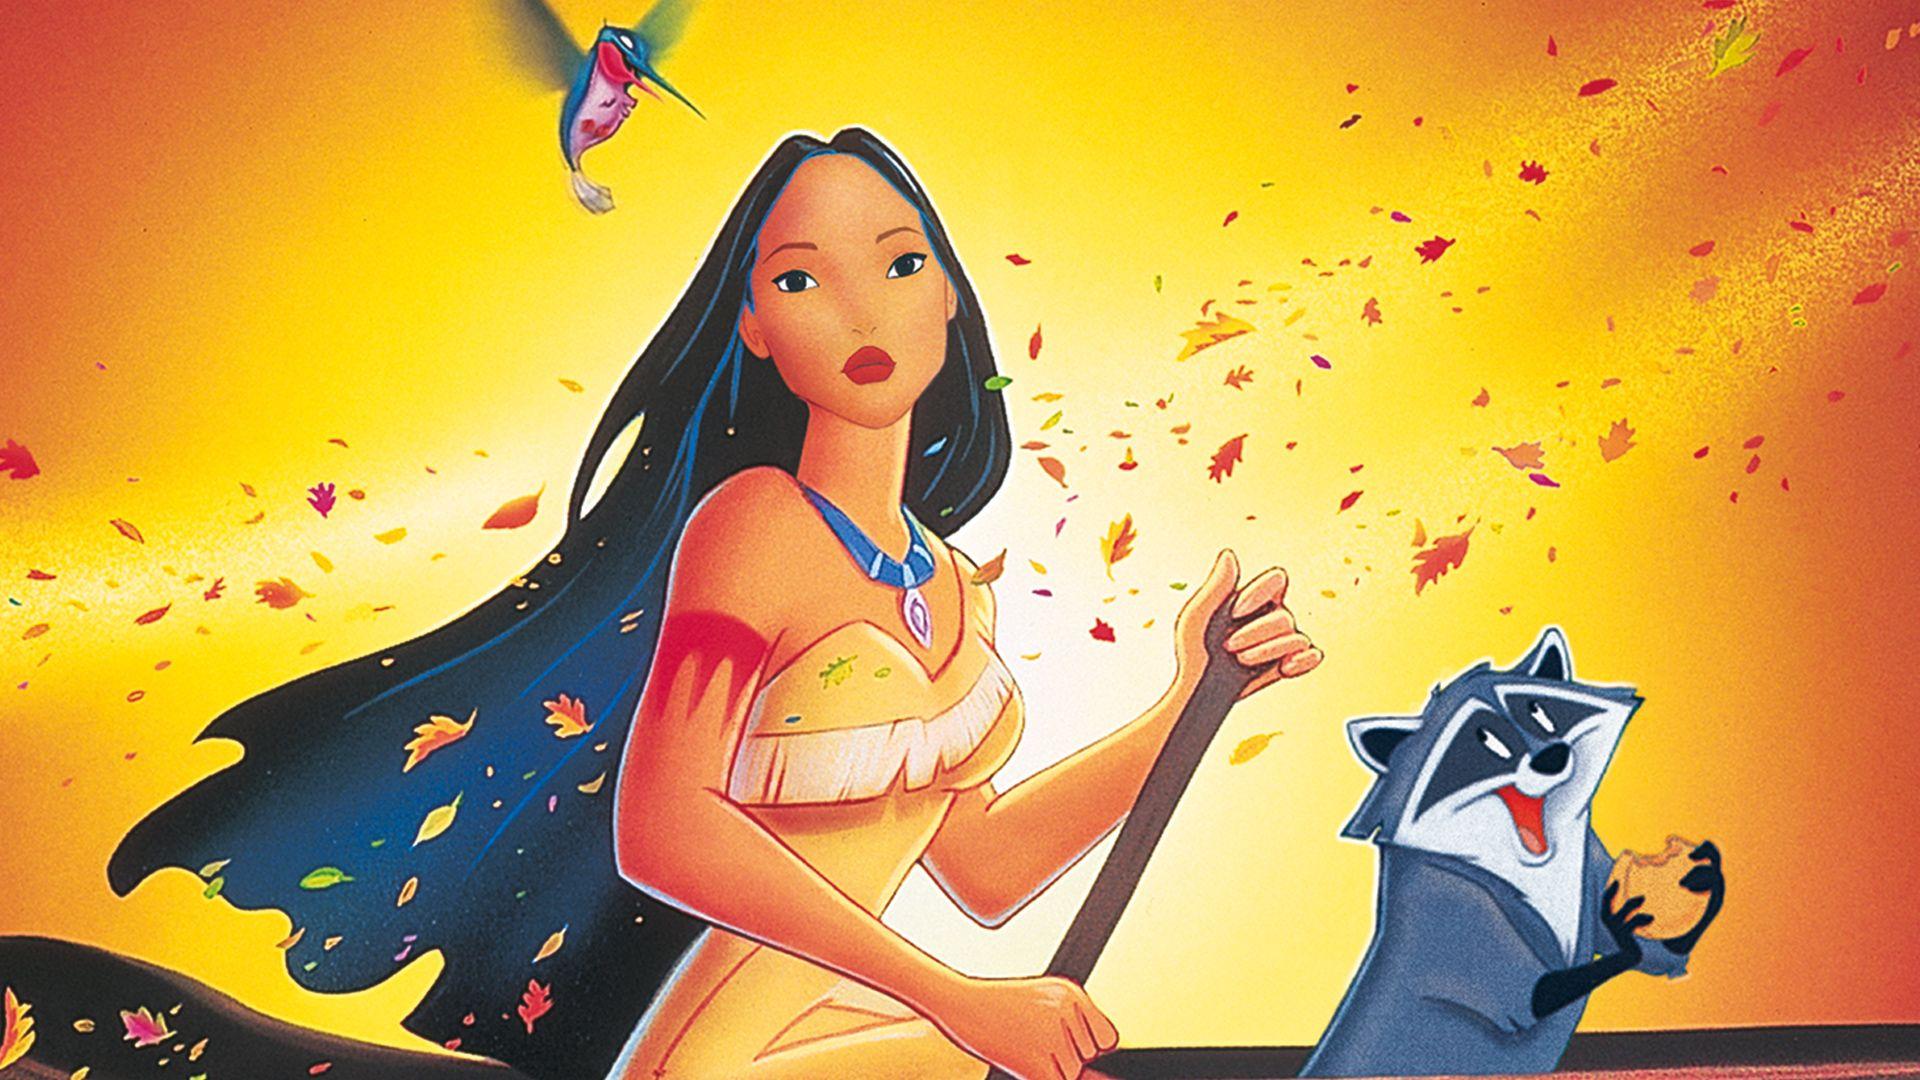 File:Pocahontas2.jpg